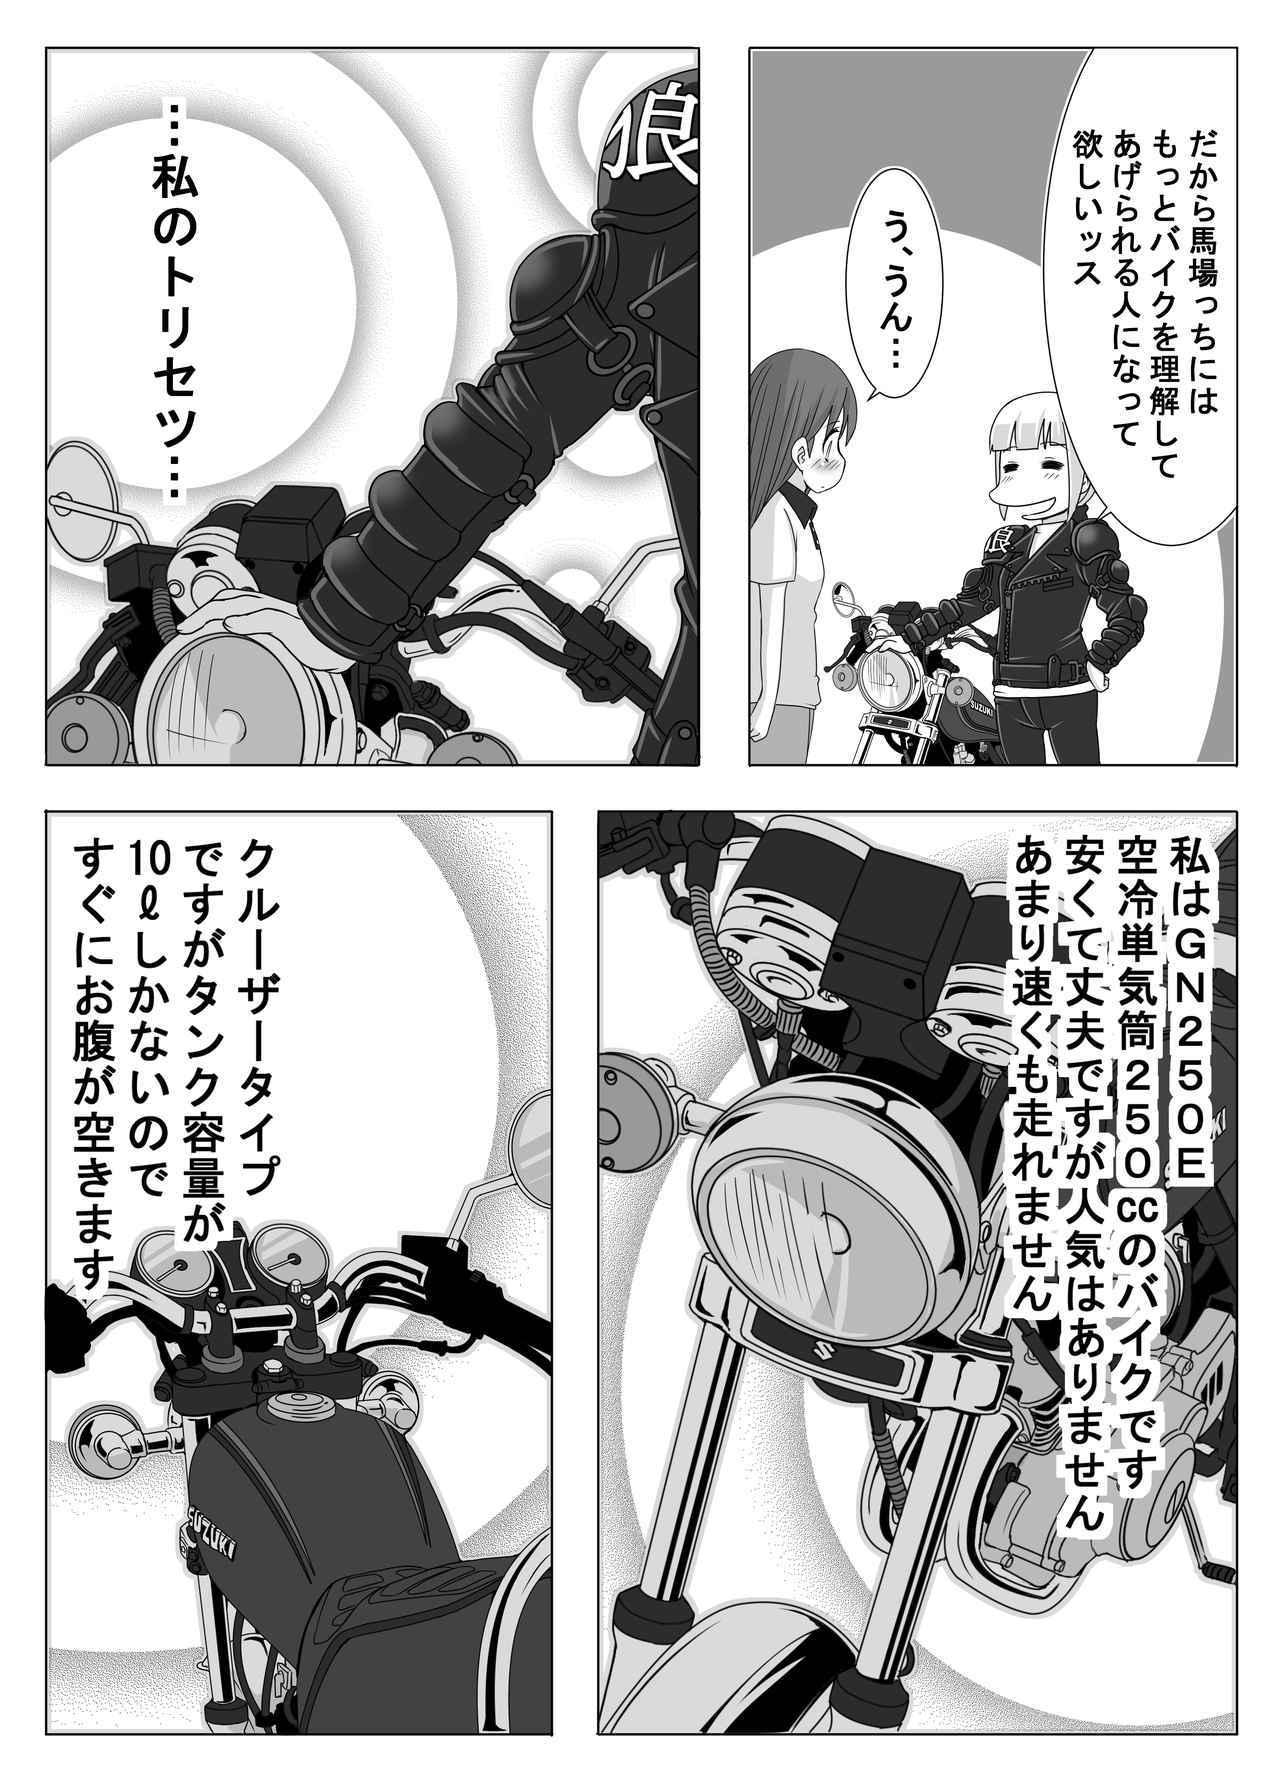 画像9: 【連載】馬場郁子がこよなくバイクを愛す理由(第九話:おバイクが人に似ているワケ)作:鈴木秀吉